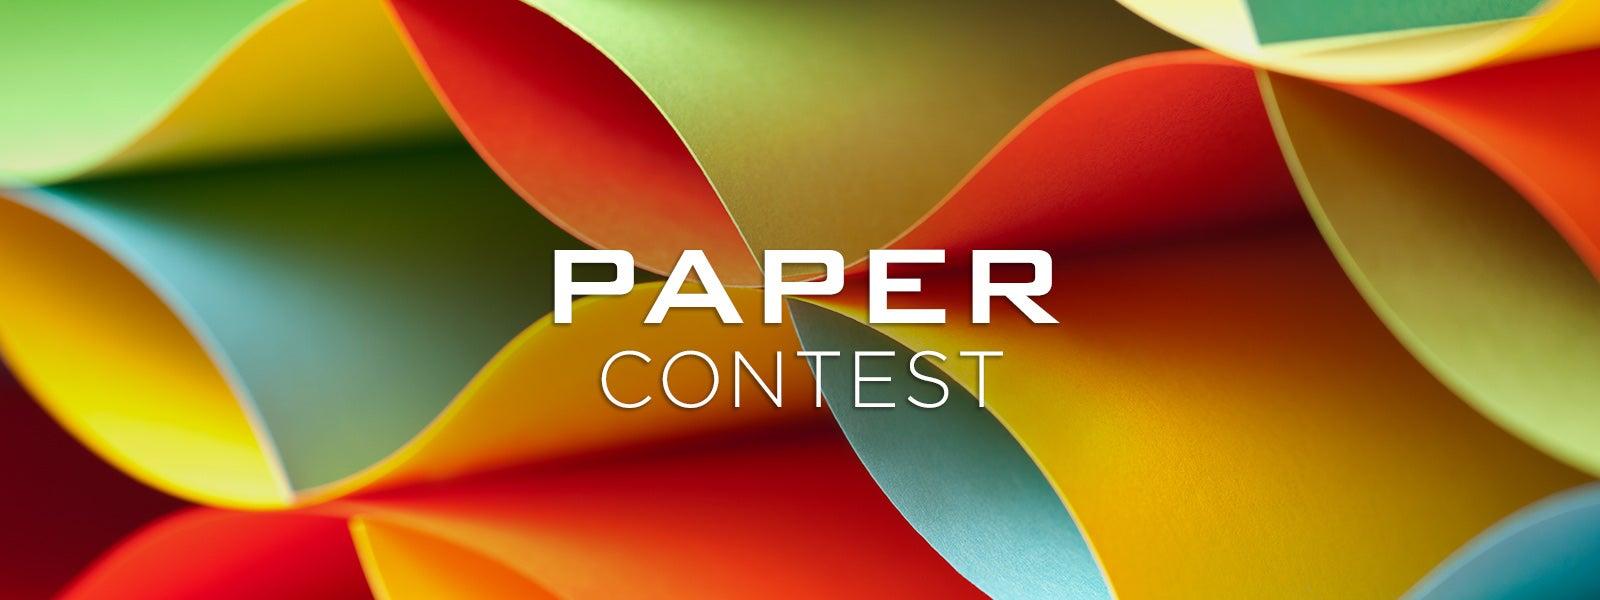 Paper Contest